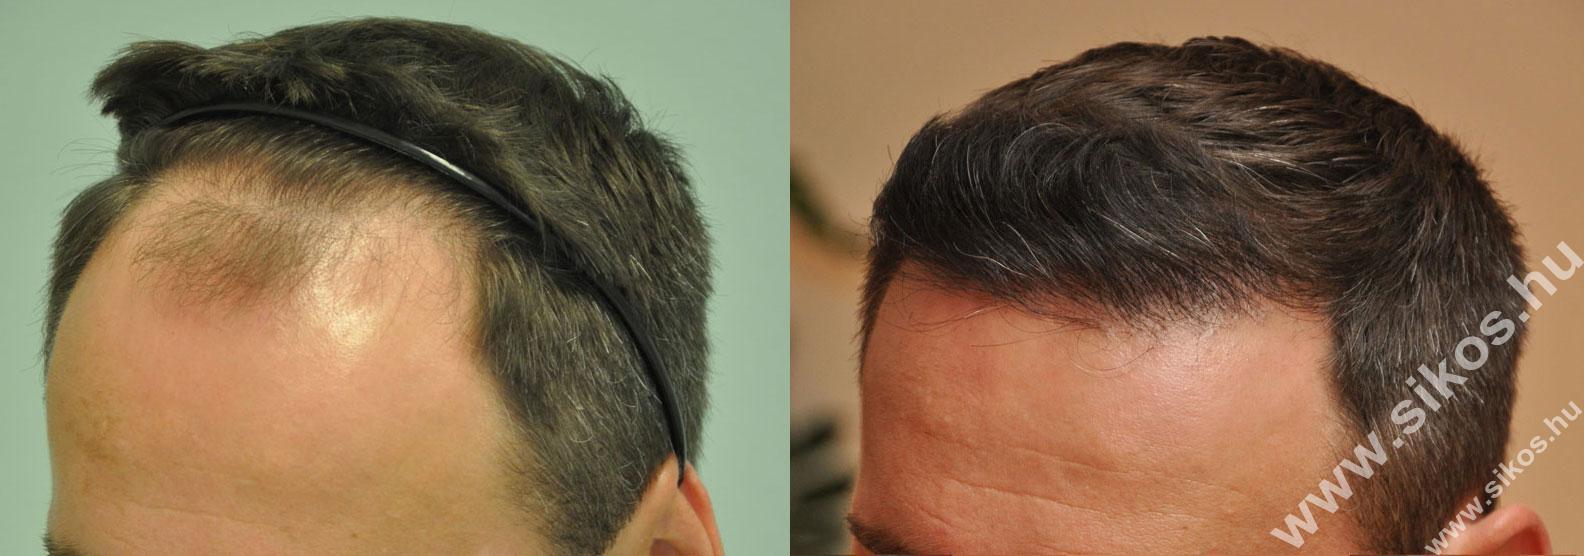 FUE Hajbeültetés, FUE hajátültetés 2171 grafttal Norwood III fokozatú hajhiány esetében Norwood III class baldness, before and after transplanting 2171 grafts with FUE harvesting technique